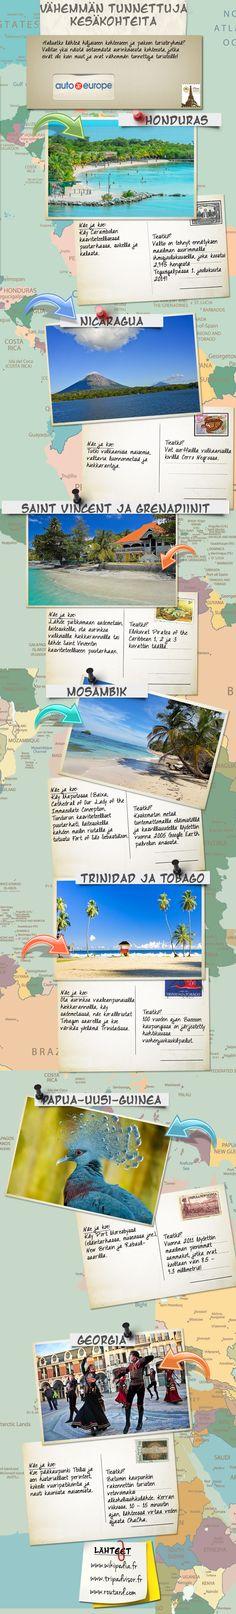 Infografiikka: Vähemmän tunnettuja kesäkohteita - Muut infografiikkamme löydät täältä: www.autoeurope.fi